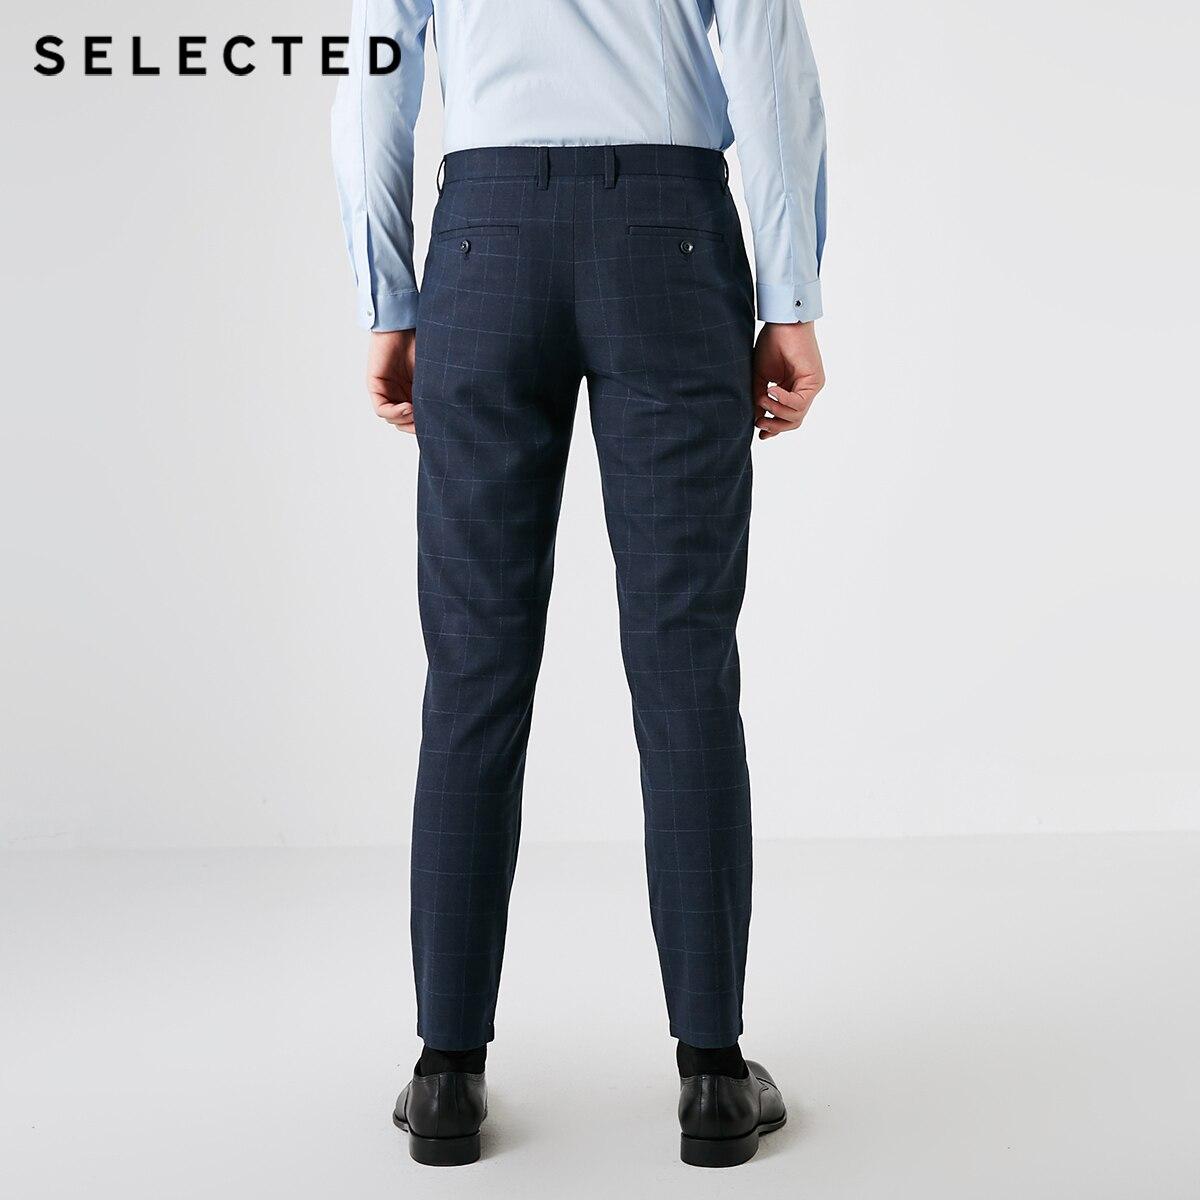 SELECTED Men's Autumn Slim Fit Plaid Casual Pants S 418314558